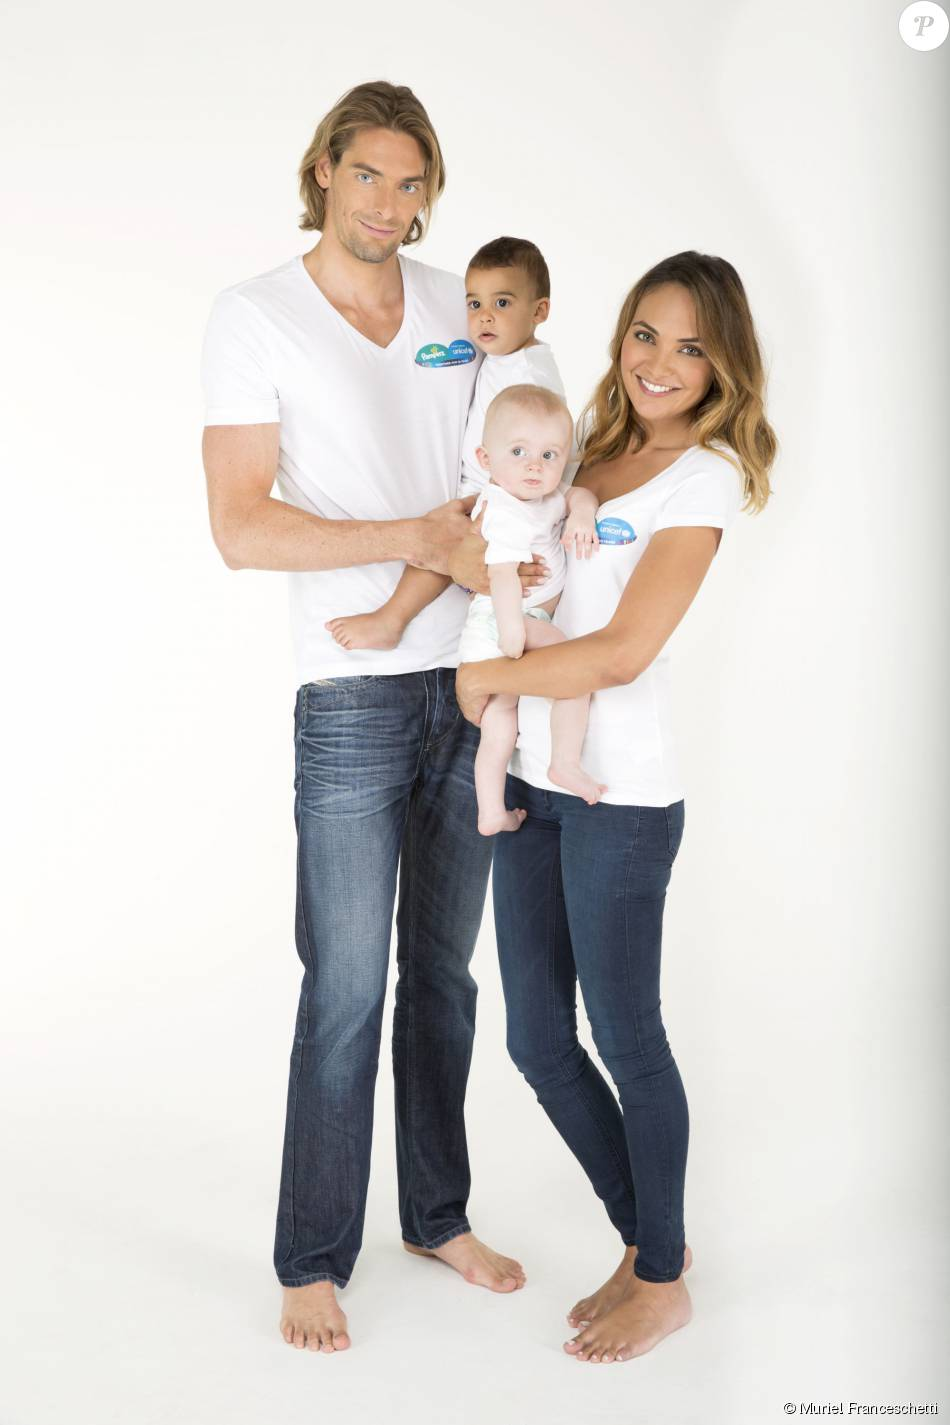 Camille Lacourt et son épouse Valérie Bègue sont les nouveaux parrain et marraine de cette campagne 2015 menée par l'Unicef et Pampers contre le tétanos maternel et néonatal